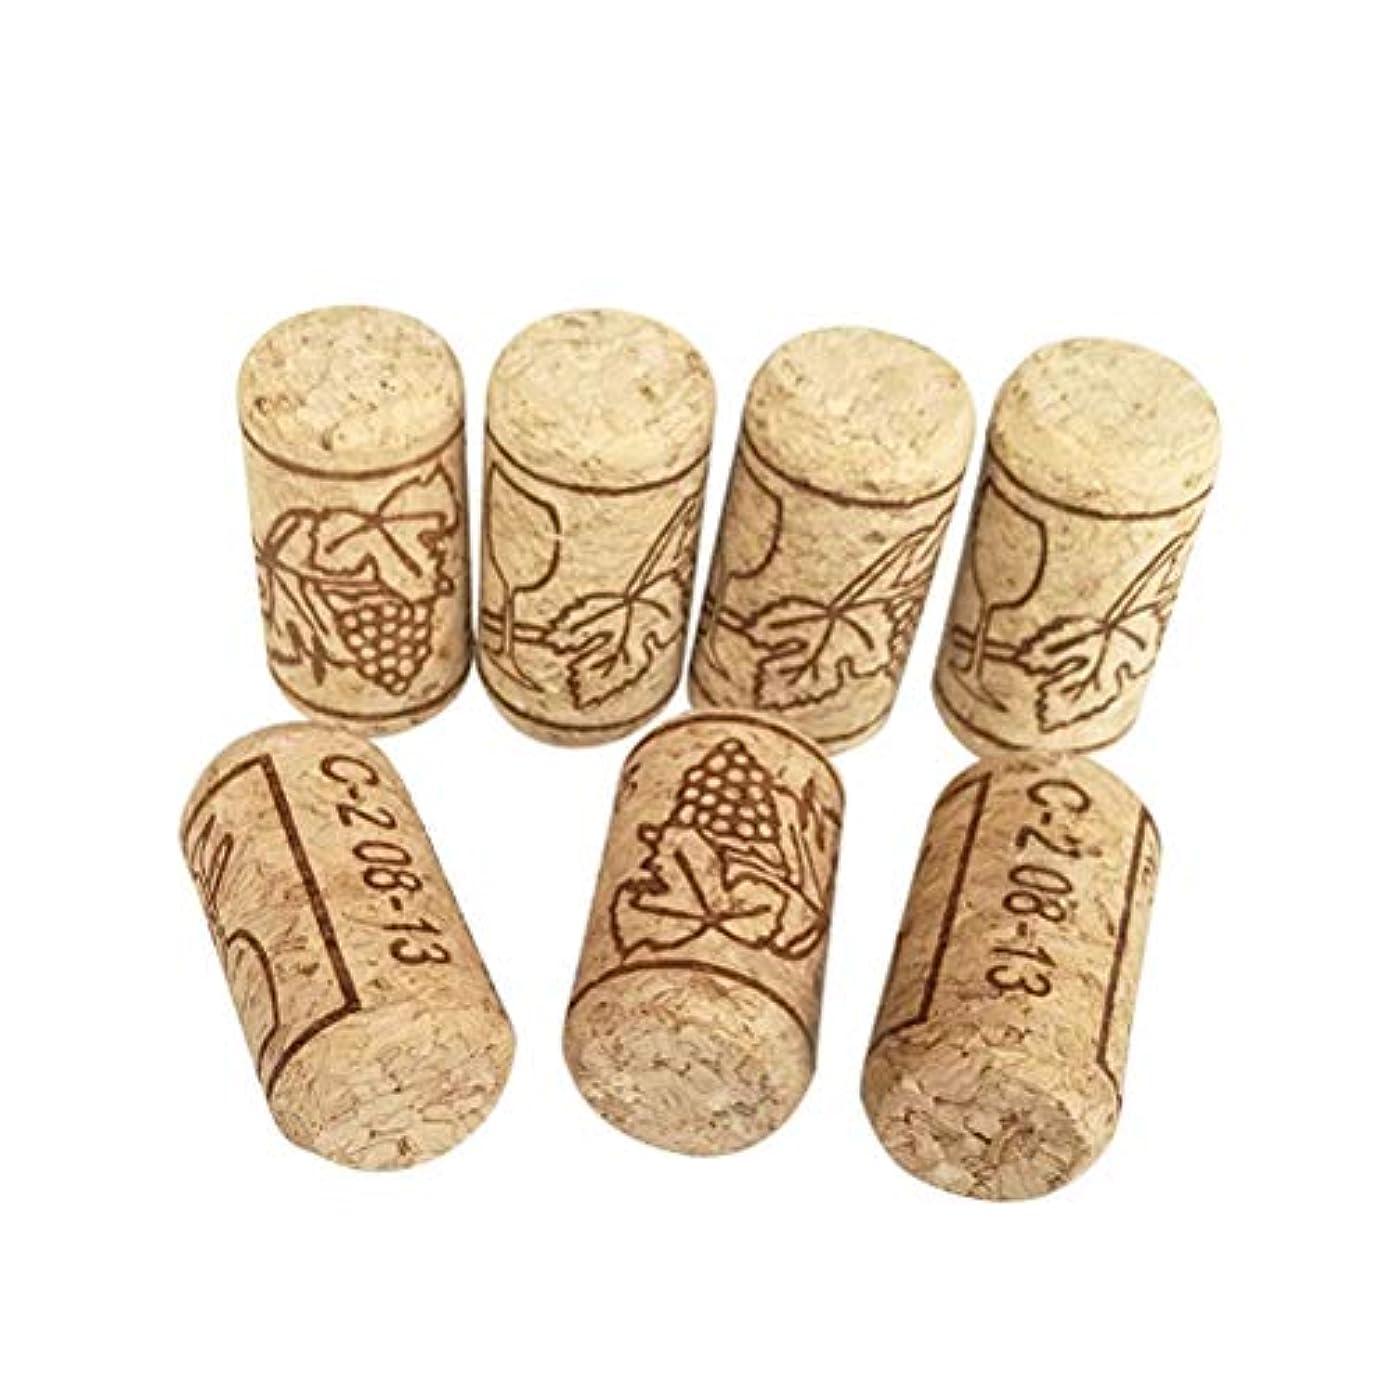 剥離渦池ACAMPTAR 100個ワインコルク再利用可能なクリエイティブ機能ポータブルシーリングワインコルクワインボトルカバー、ワインボトル用